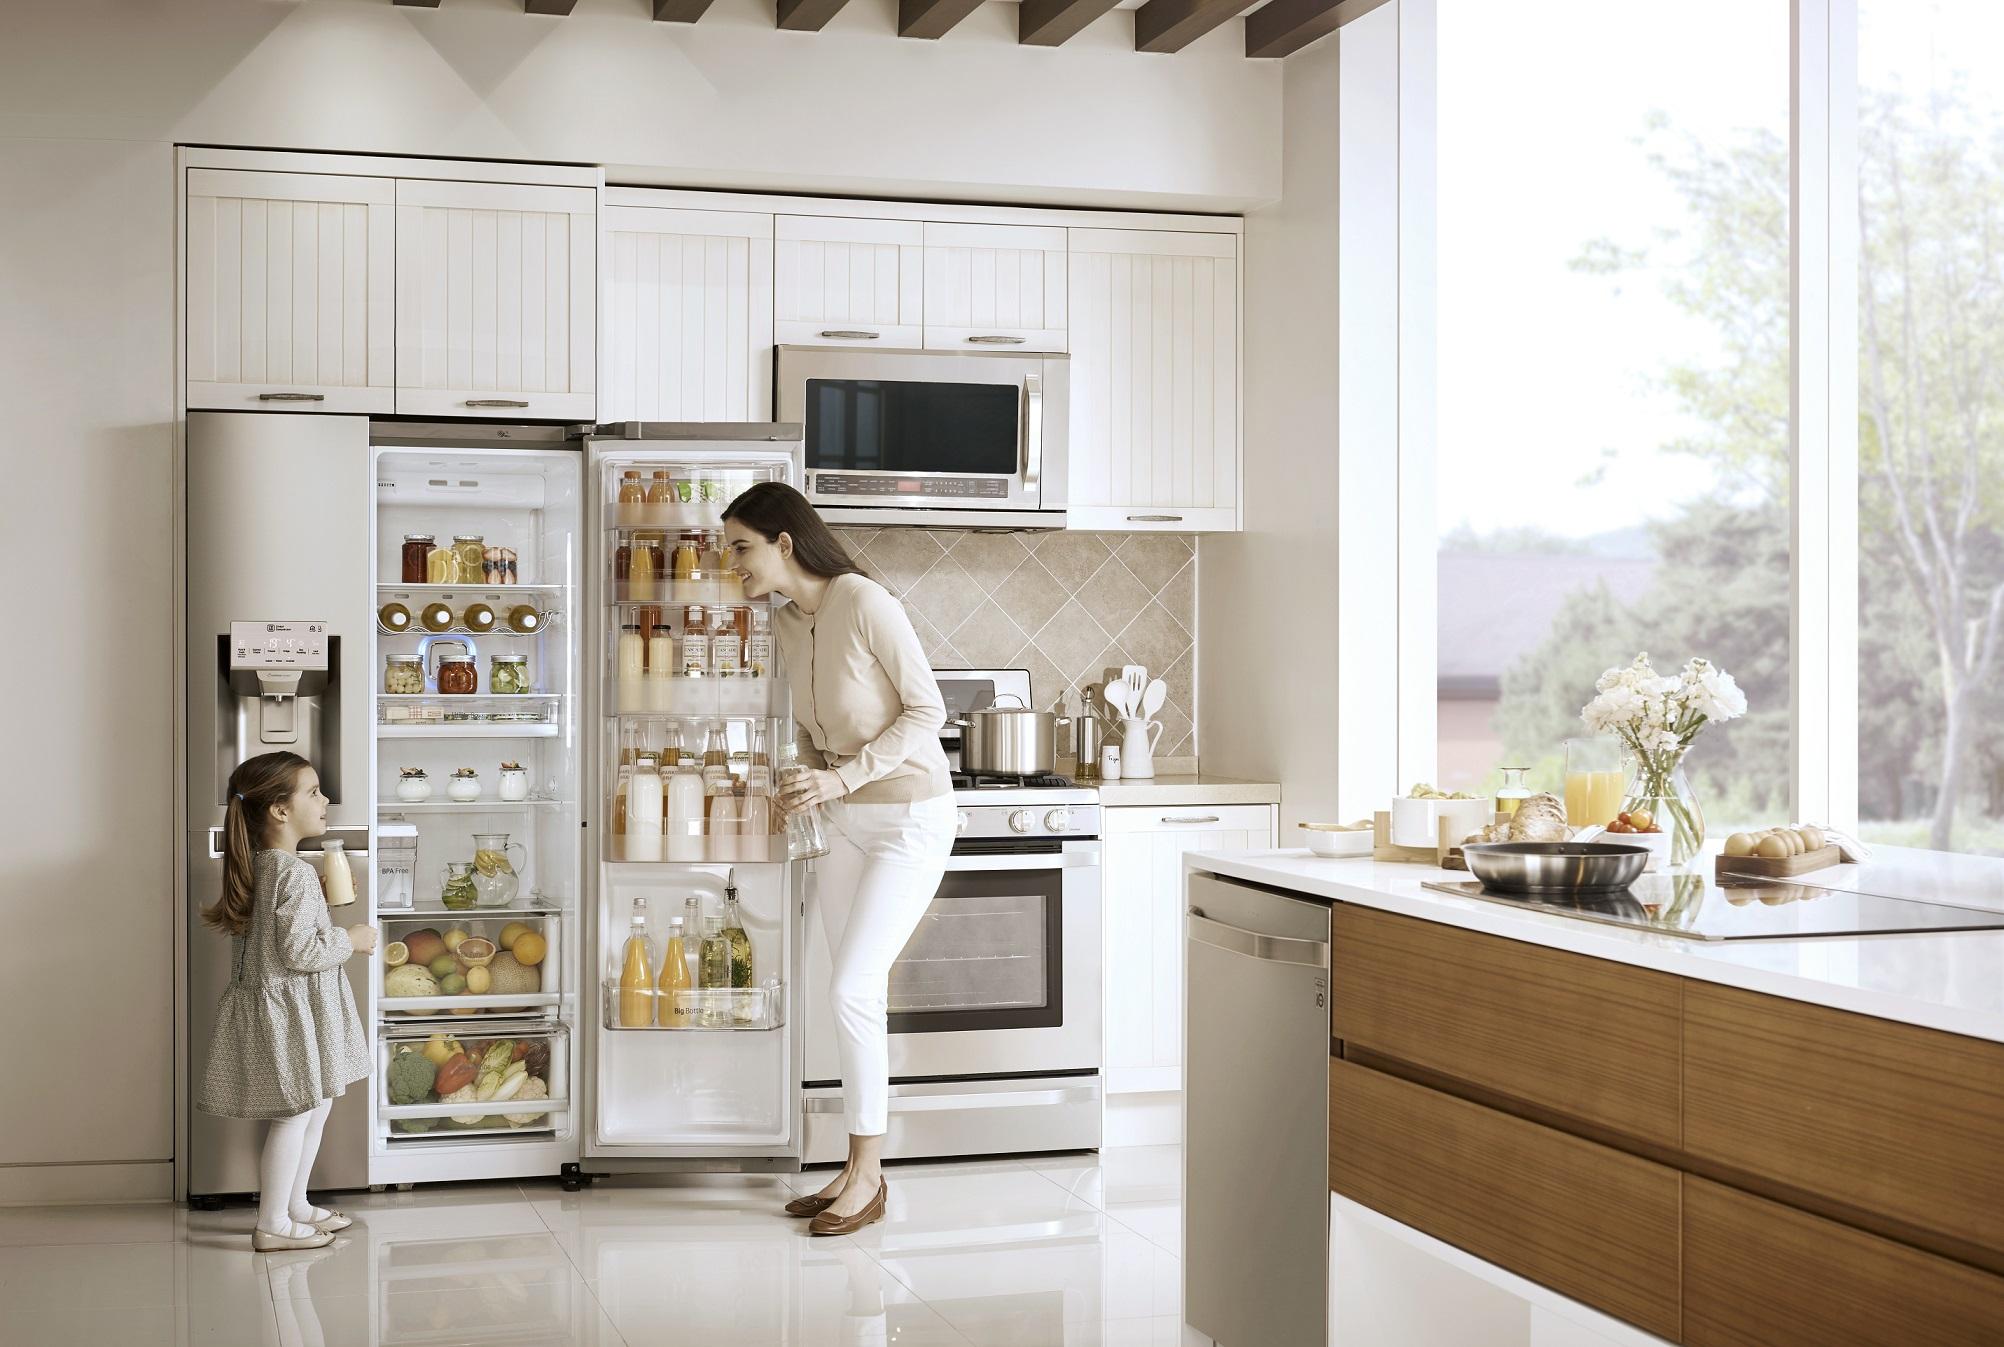 Side By Side Kühlschrank Sprudelwasser : Lg erneuert sein side by side kühlgeräteangebot mit energiesparenden